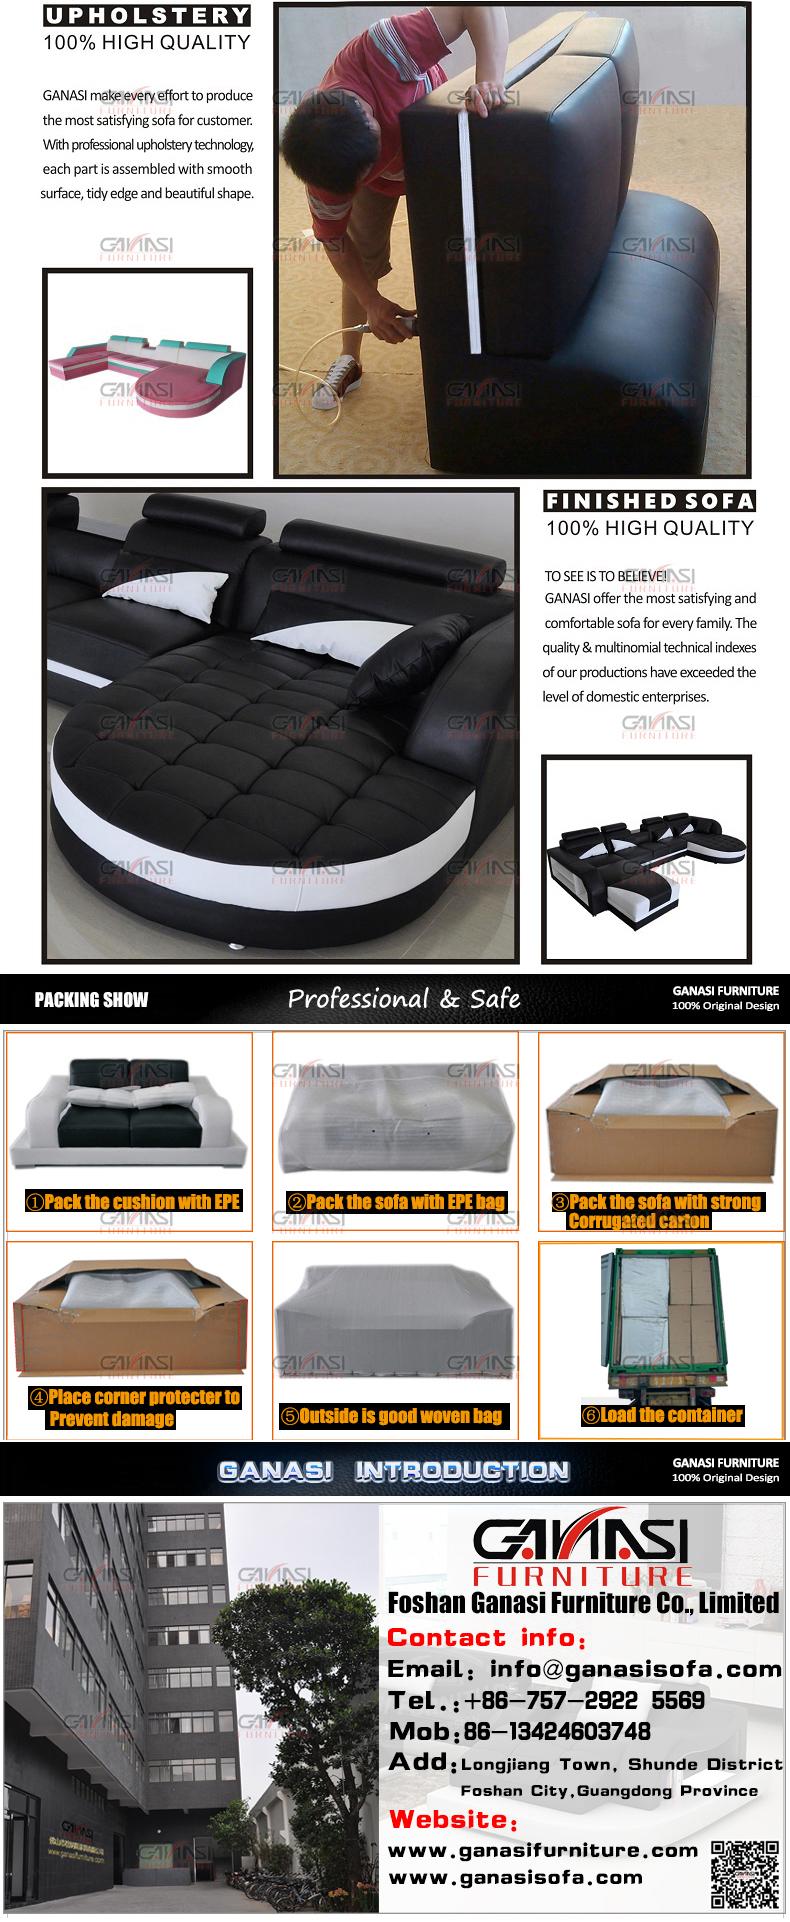 Salle d'attente chaises et canapé, Canapé et cuddle chaise, Loisirs chaise sans jambes canapé